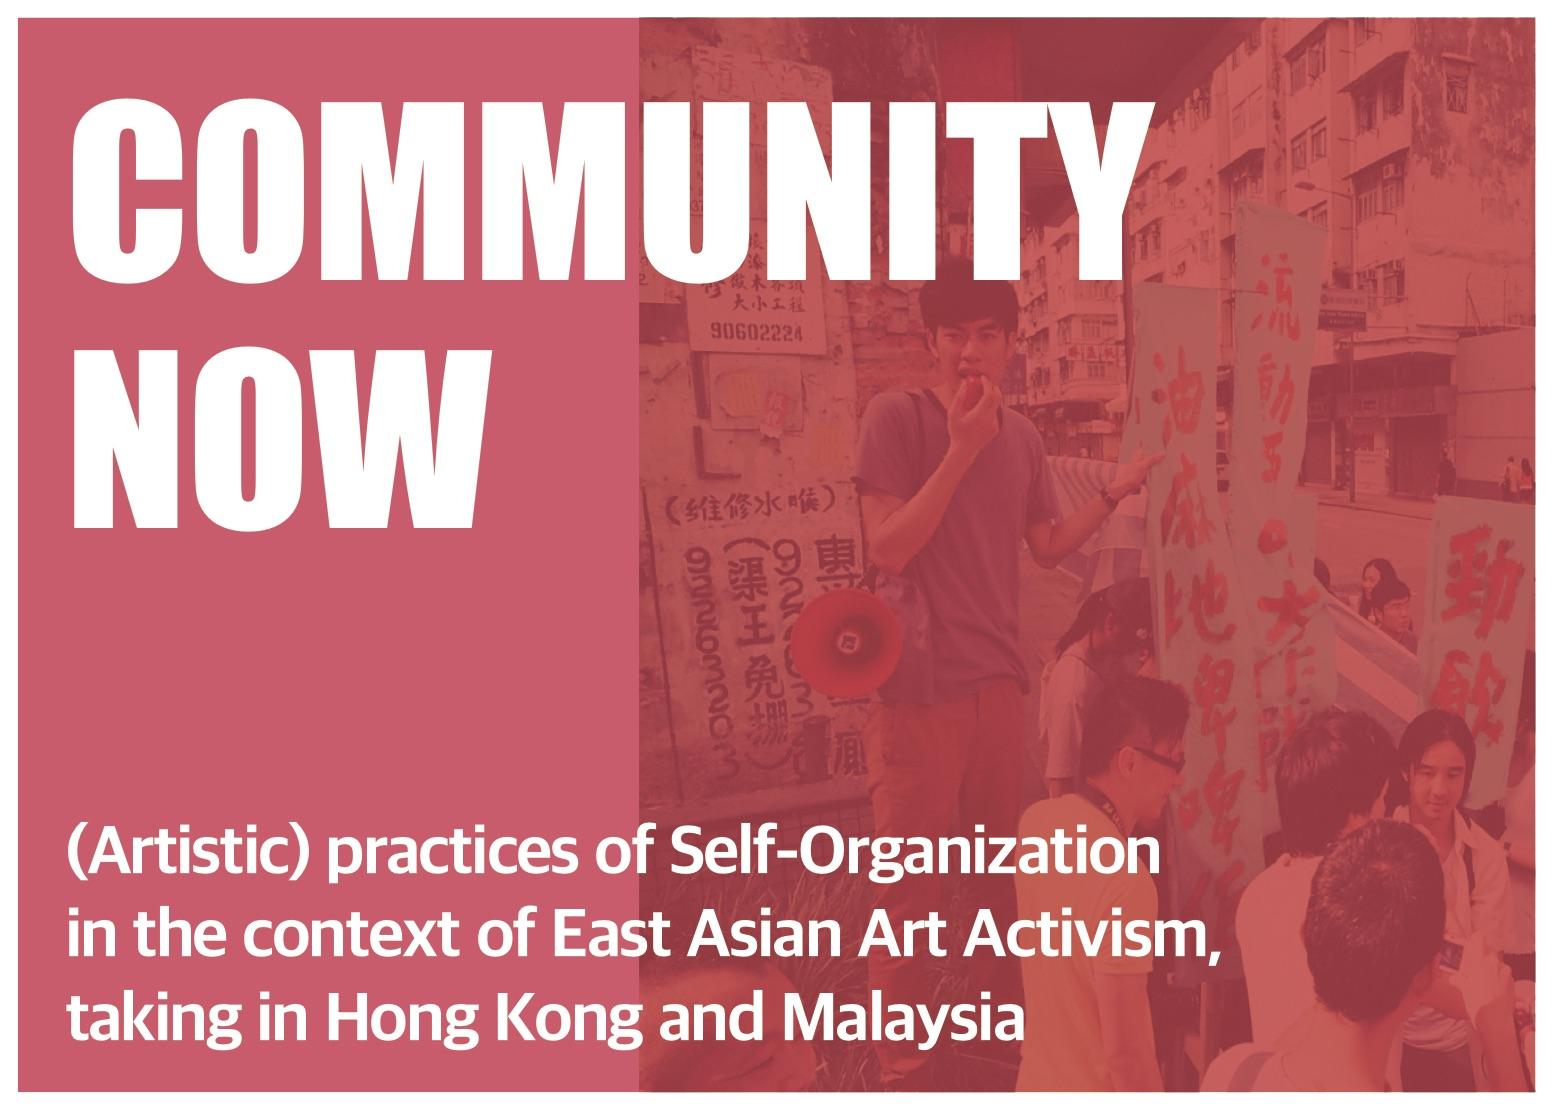 Community NOW / コミュニティ・ナウ -香港、マレーシアにおける自己-組織化の芸術的実践